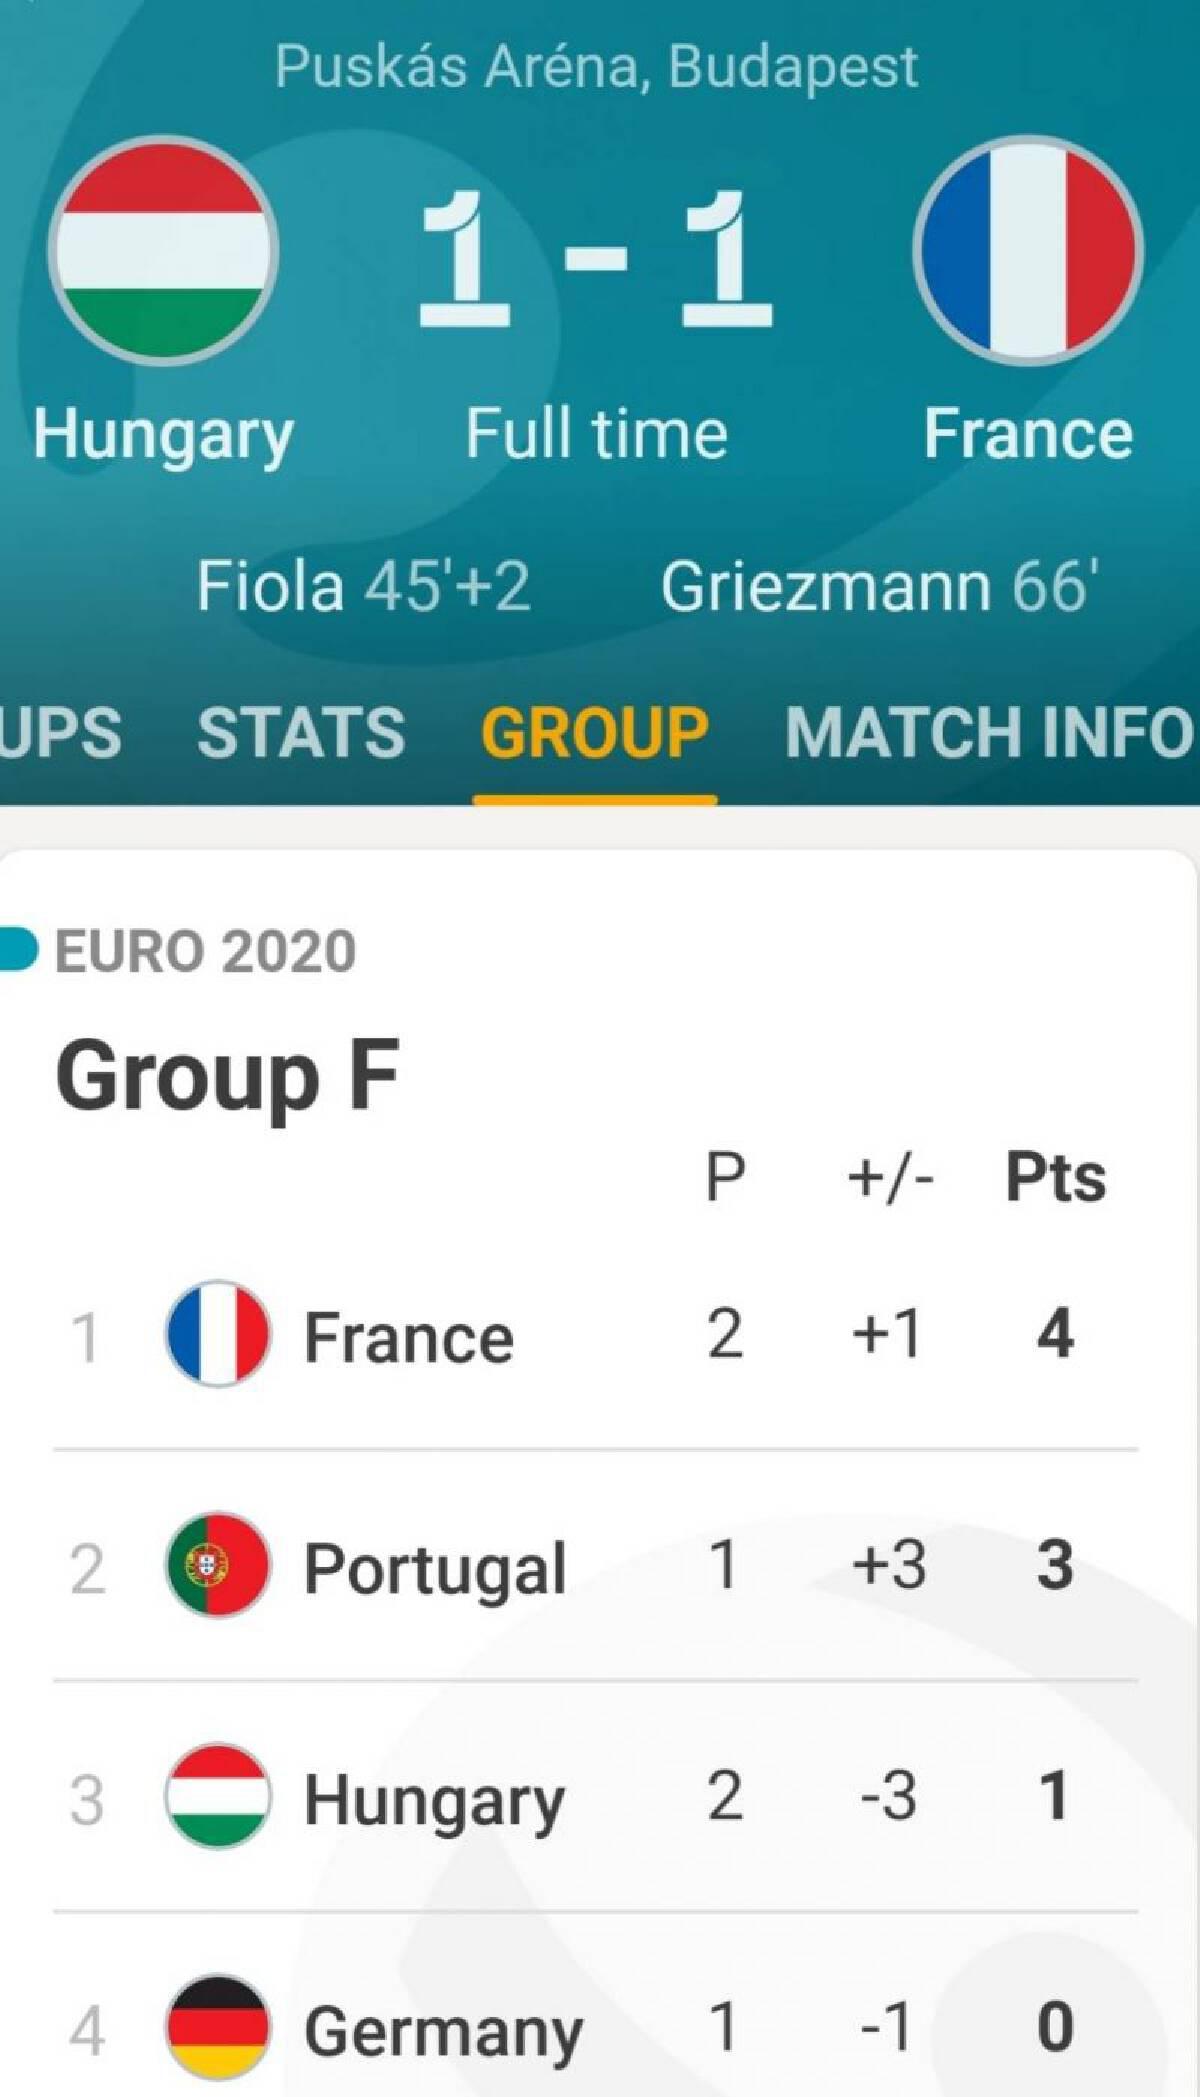 ผลบอลยูโร2020 ฮังการี เสมอ ฝรั่งเศส 1-1